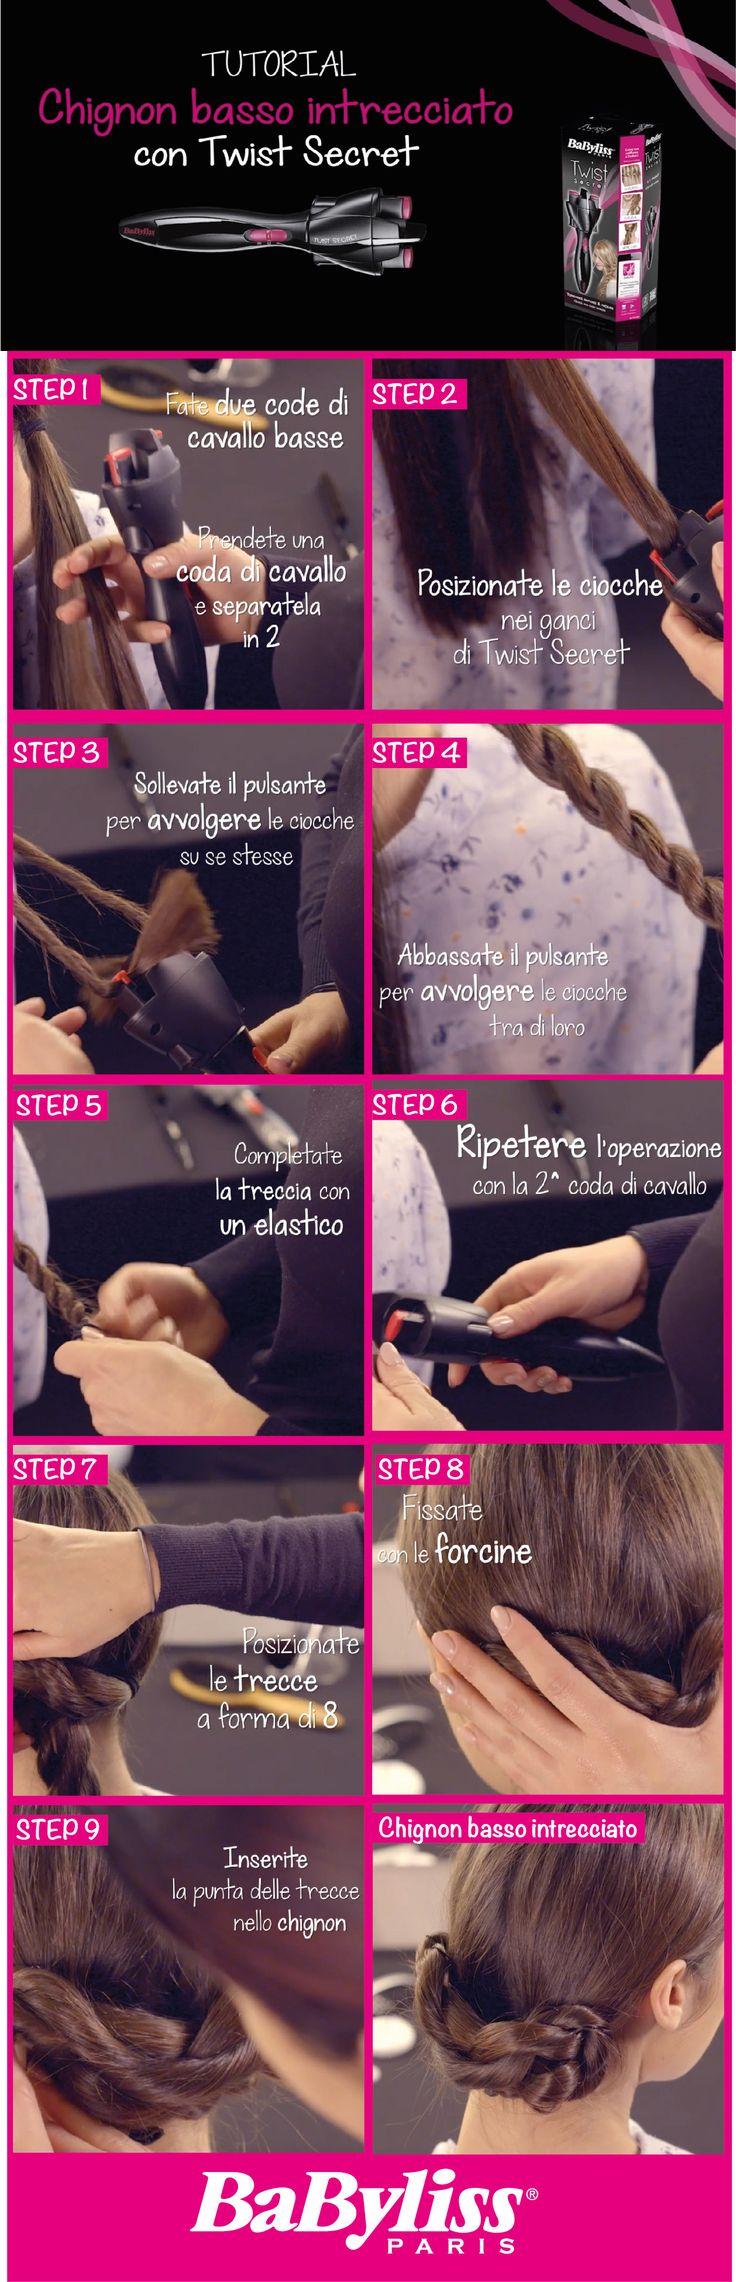 Oggi scopriamo come ottenere un fantastico chignon basso intrecciato. Segui tutti i passaggi nel tutorial di Twist Secret --> https://www.youtube.com/watch?v=QZfO95z4C50